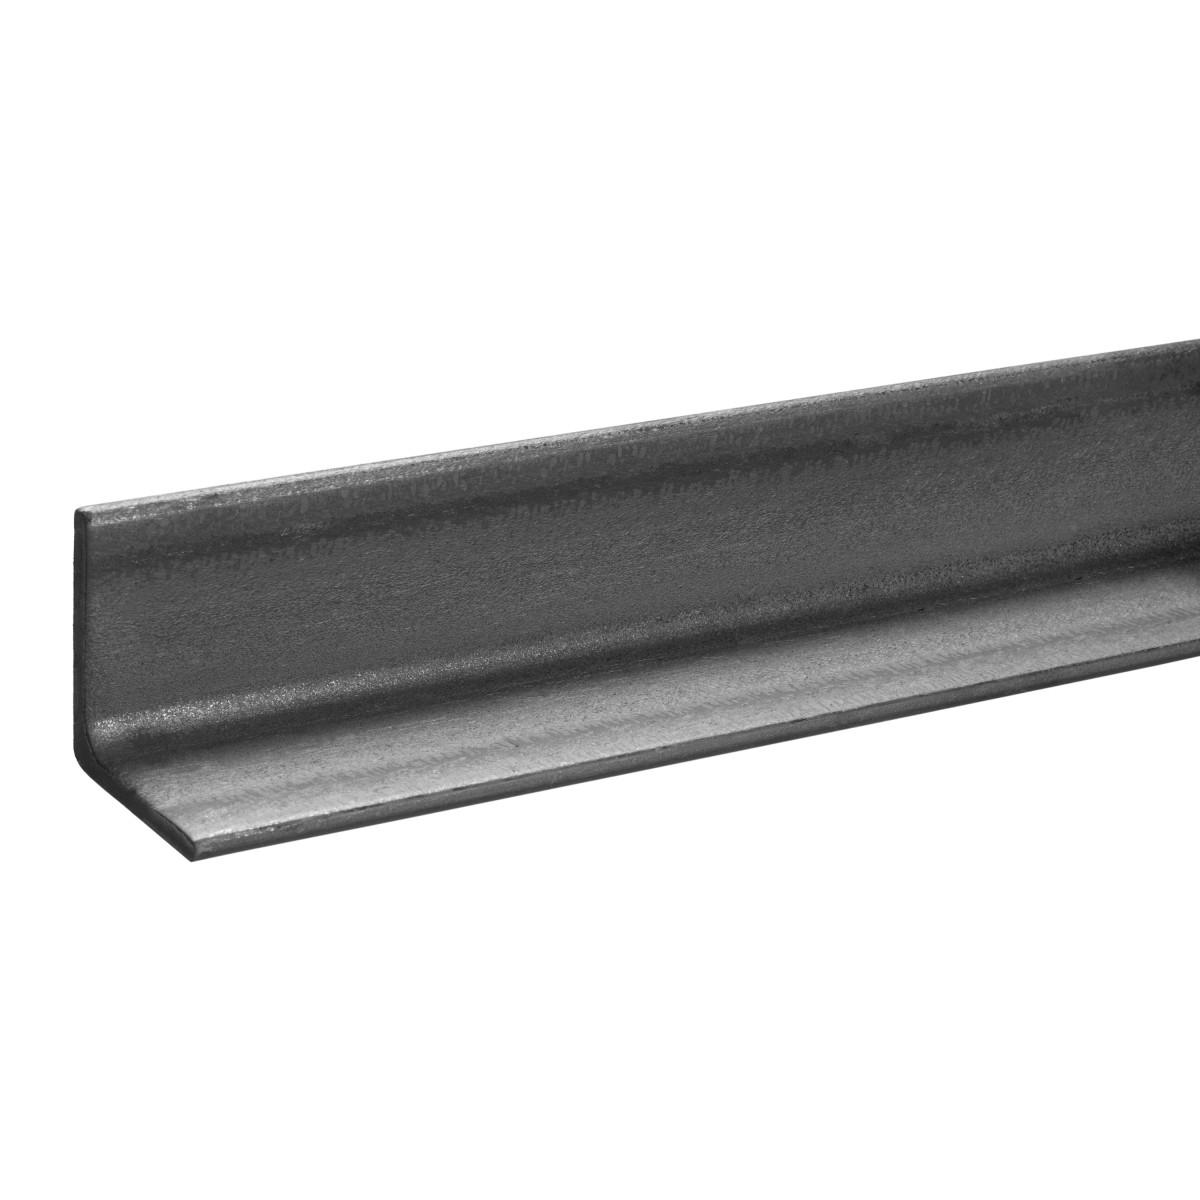 Уголок металлический 5 мм 75x75x6000 мм